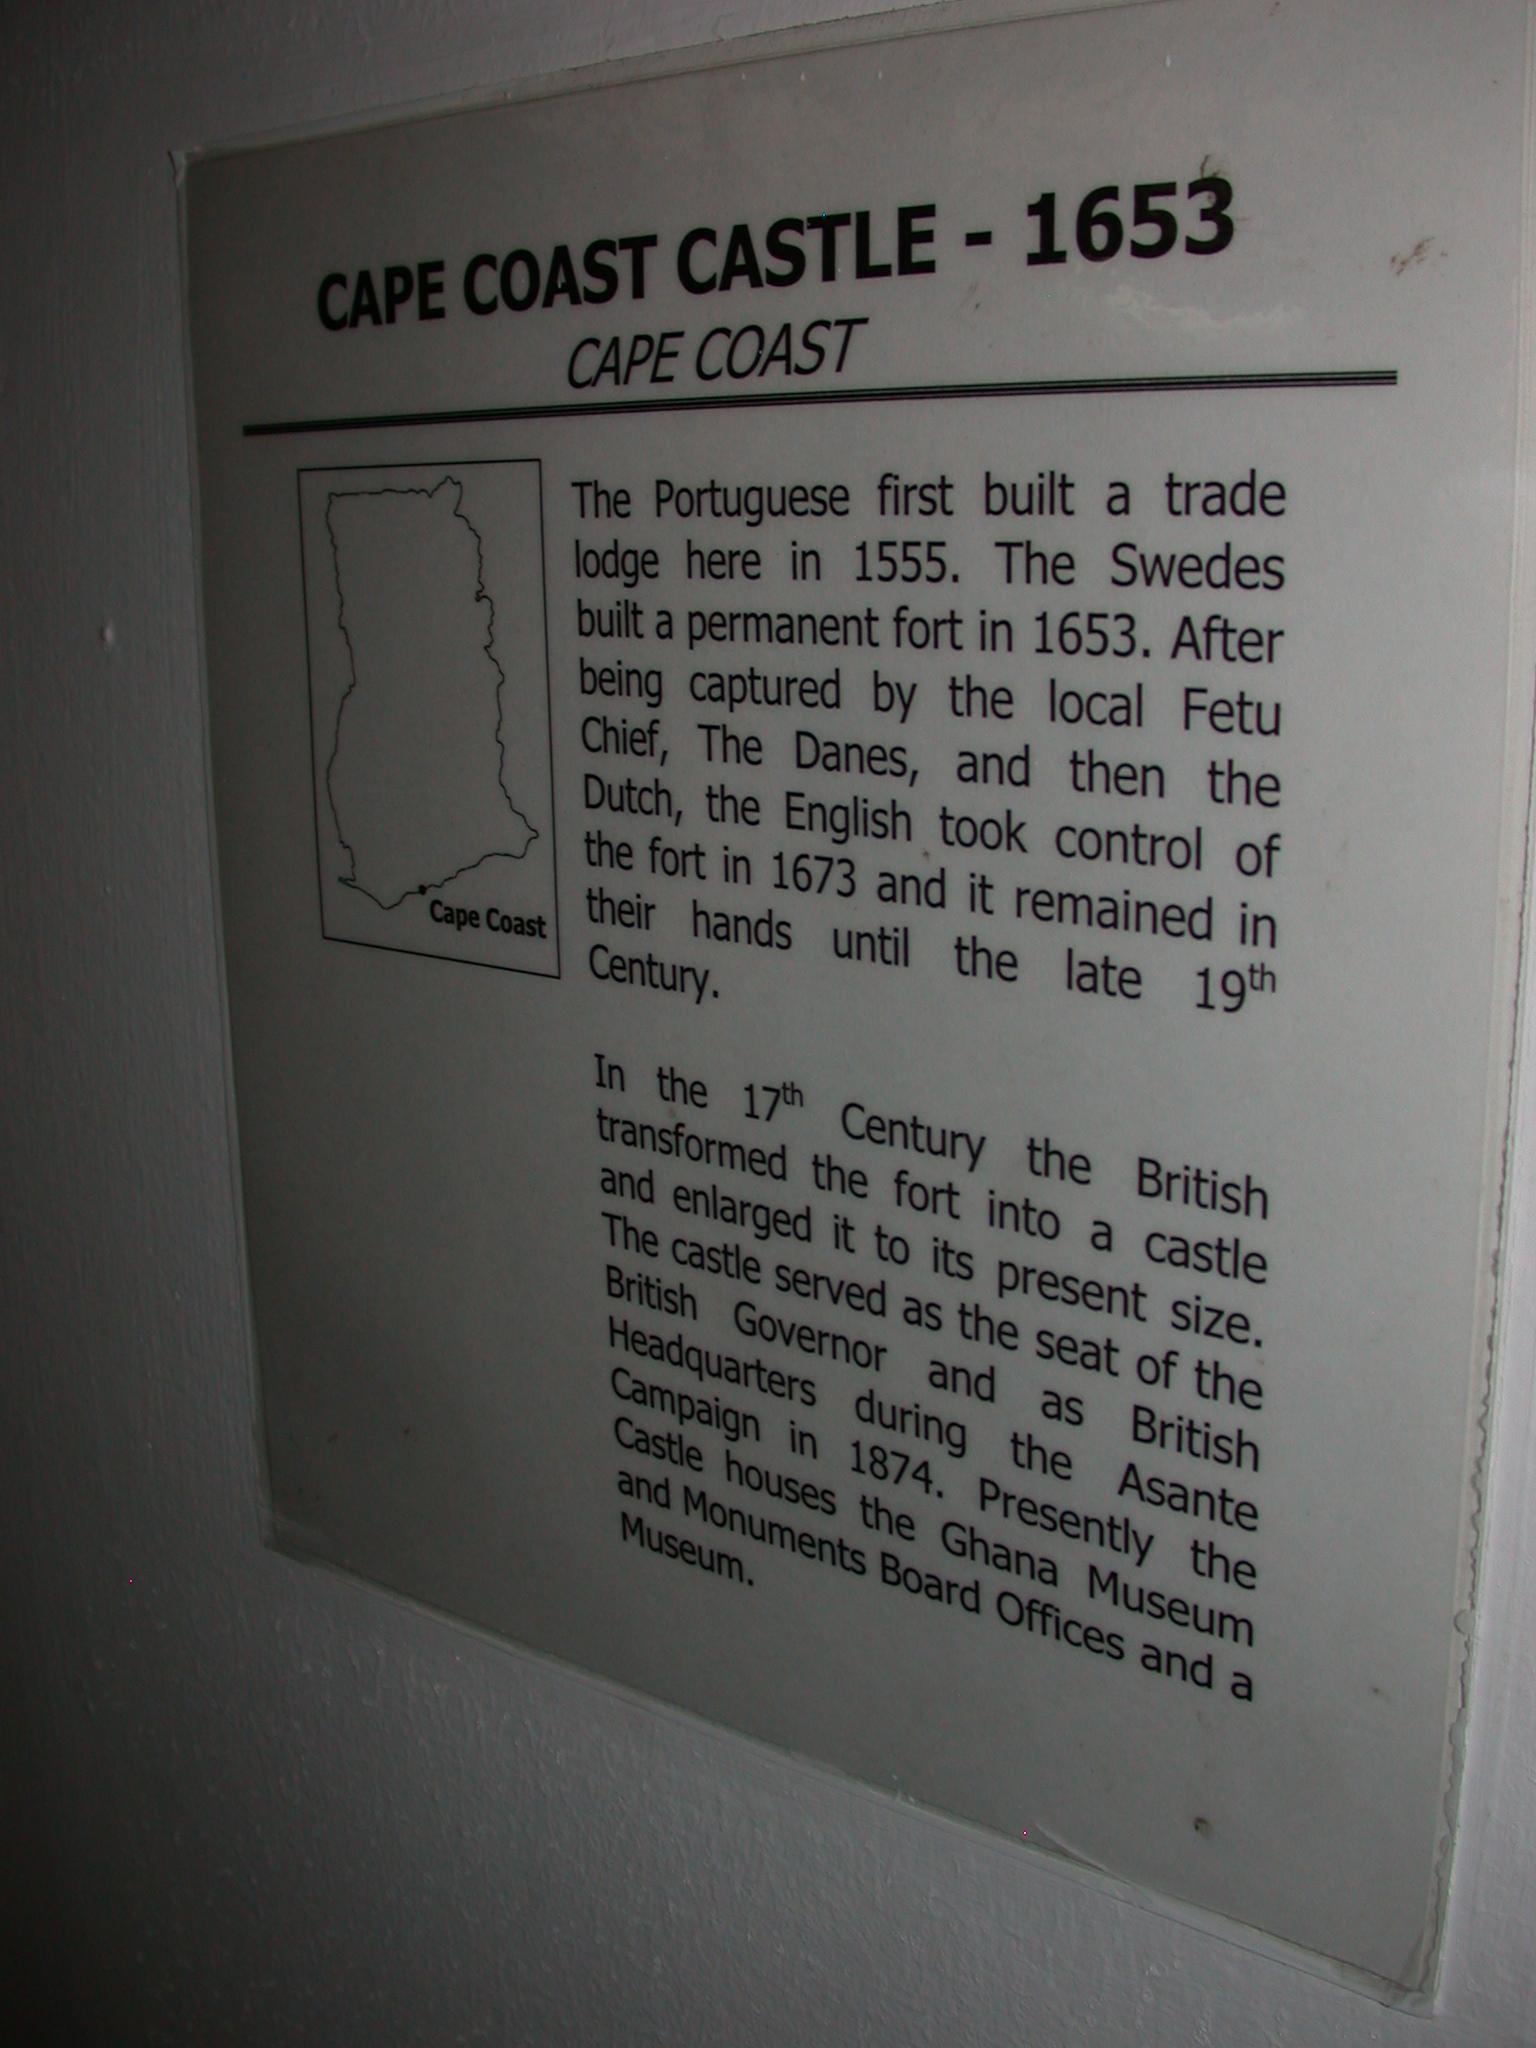 Cape Coast Castle Description, National Museum, Accra, Ghana